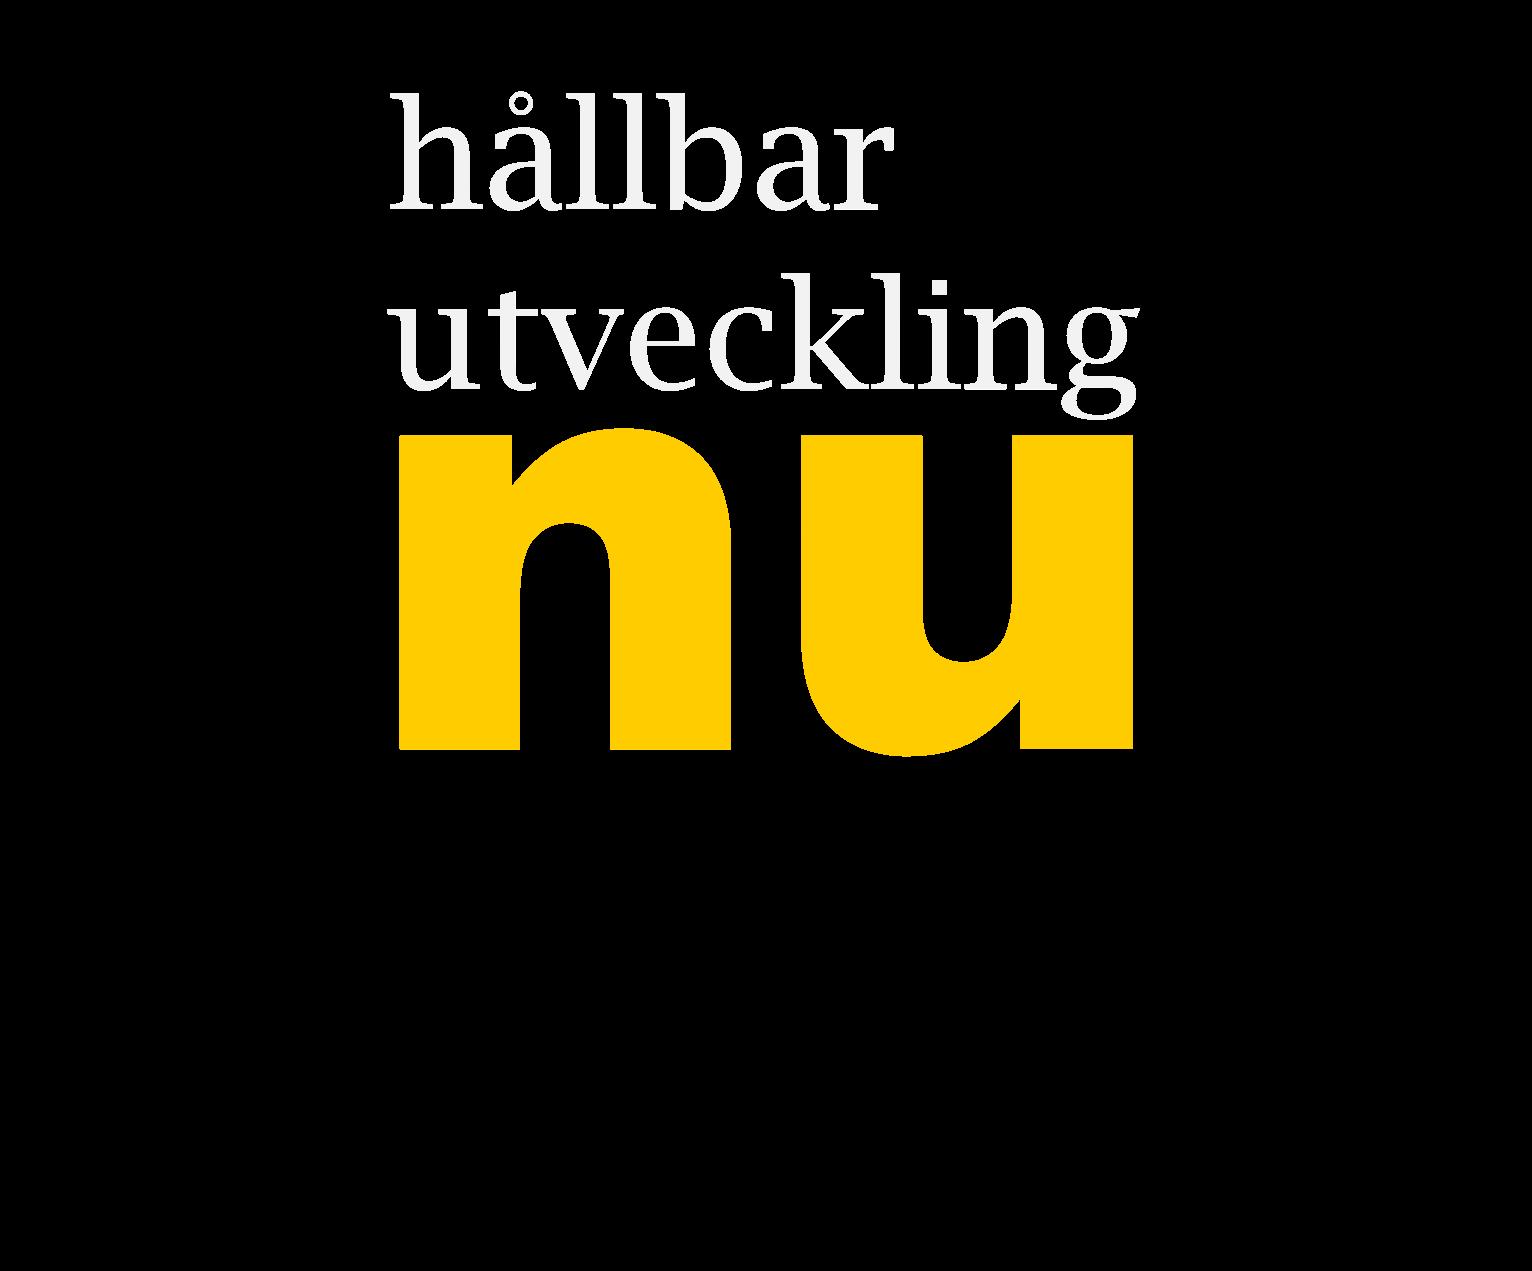 hallbarutveckling_logo_3